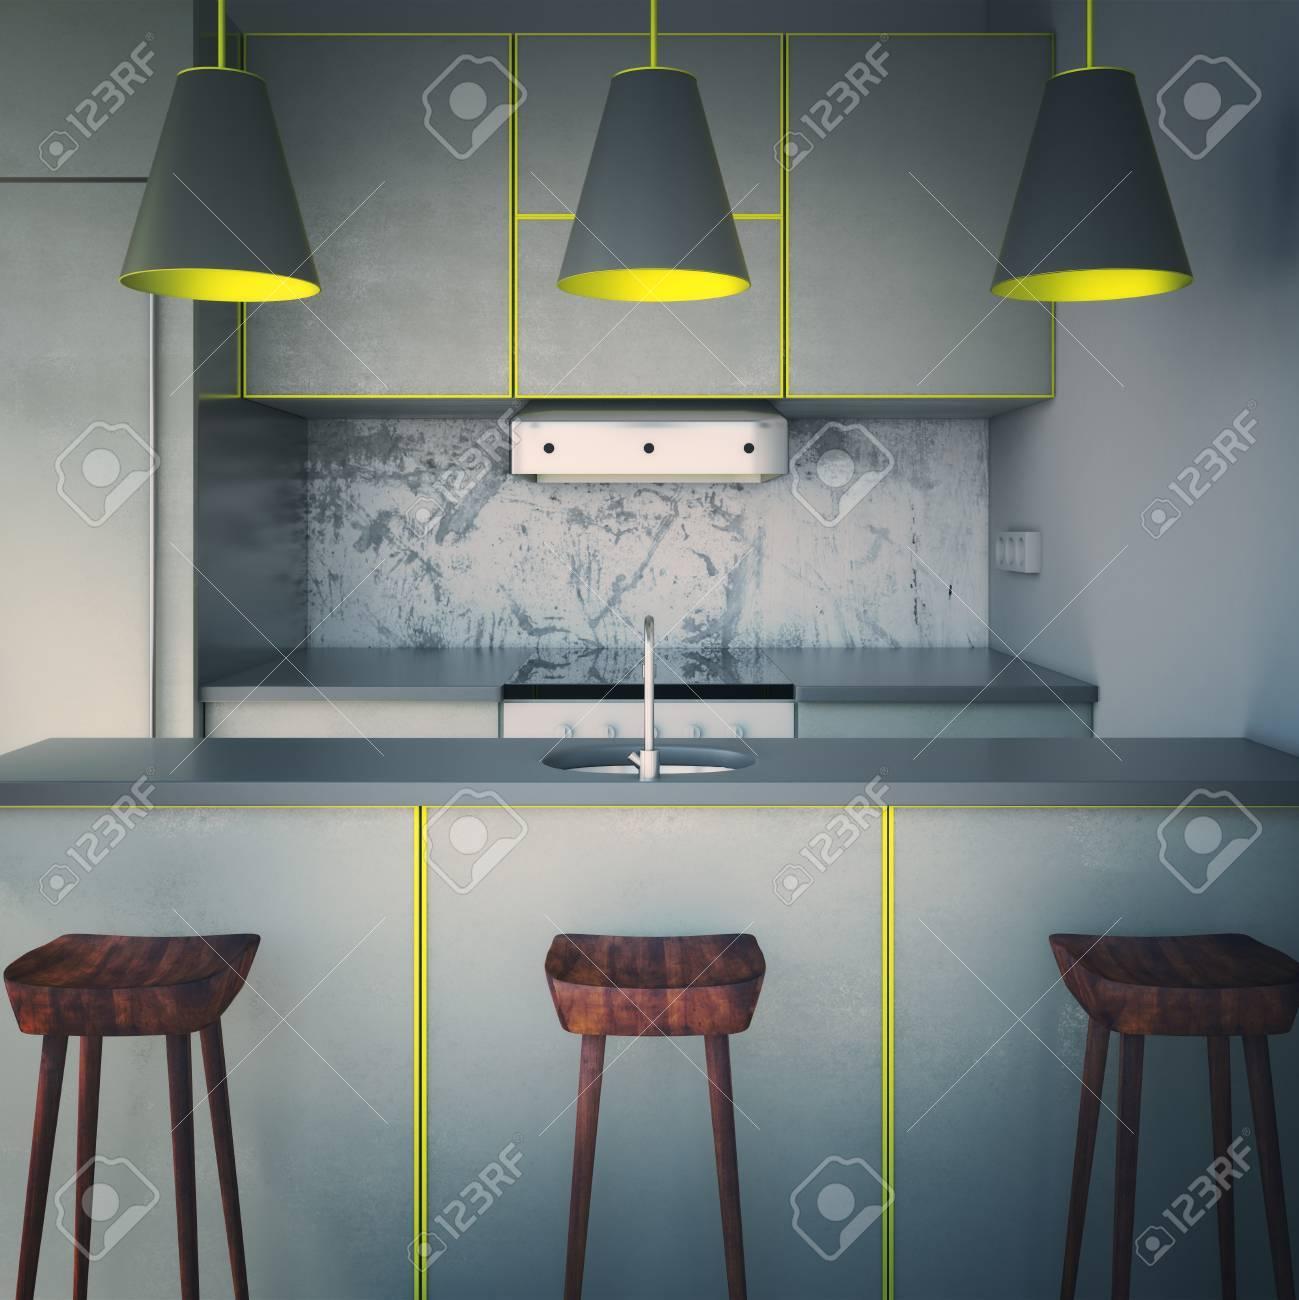 Diseño Gris Moderno Interior De La Cocina Con Tres Lámparas Y Sillas ...